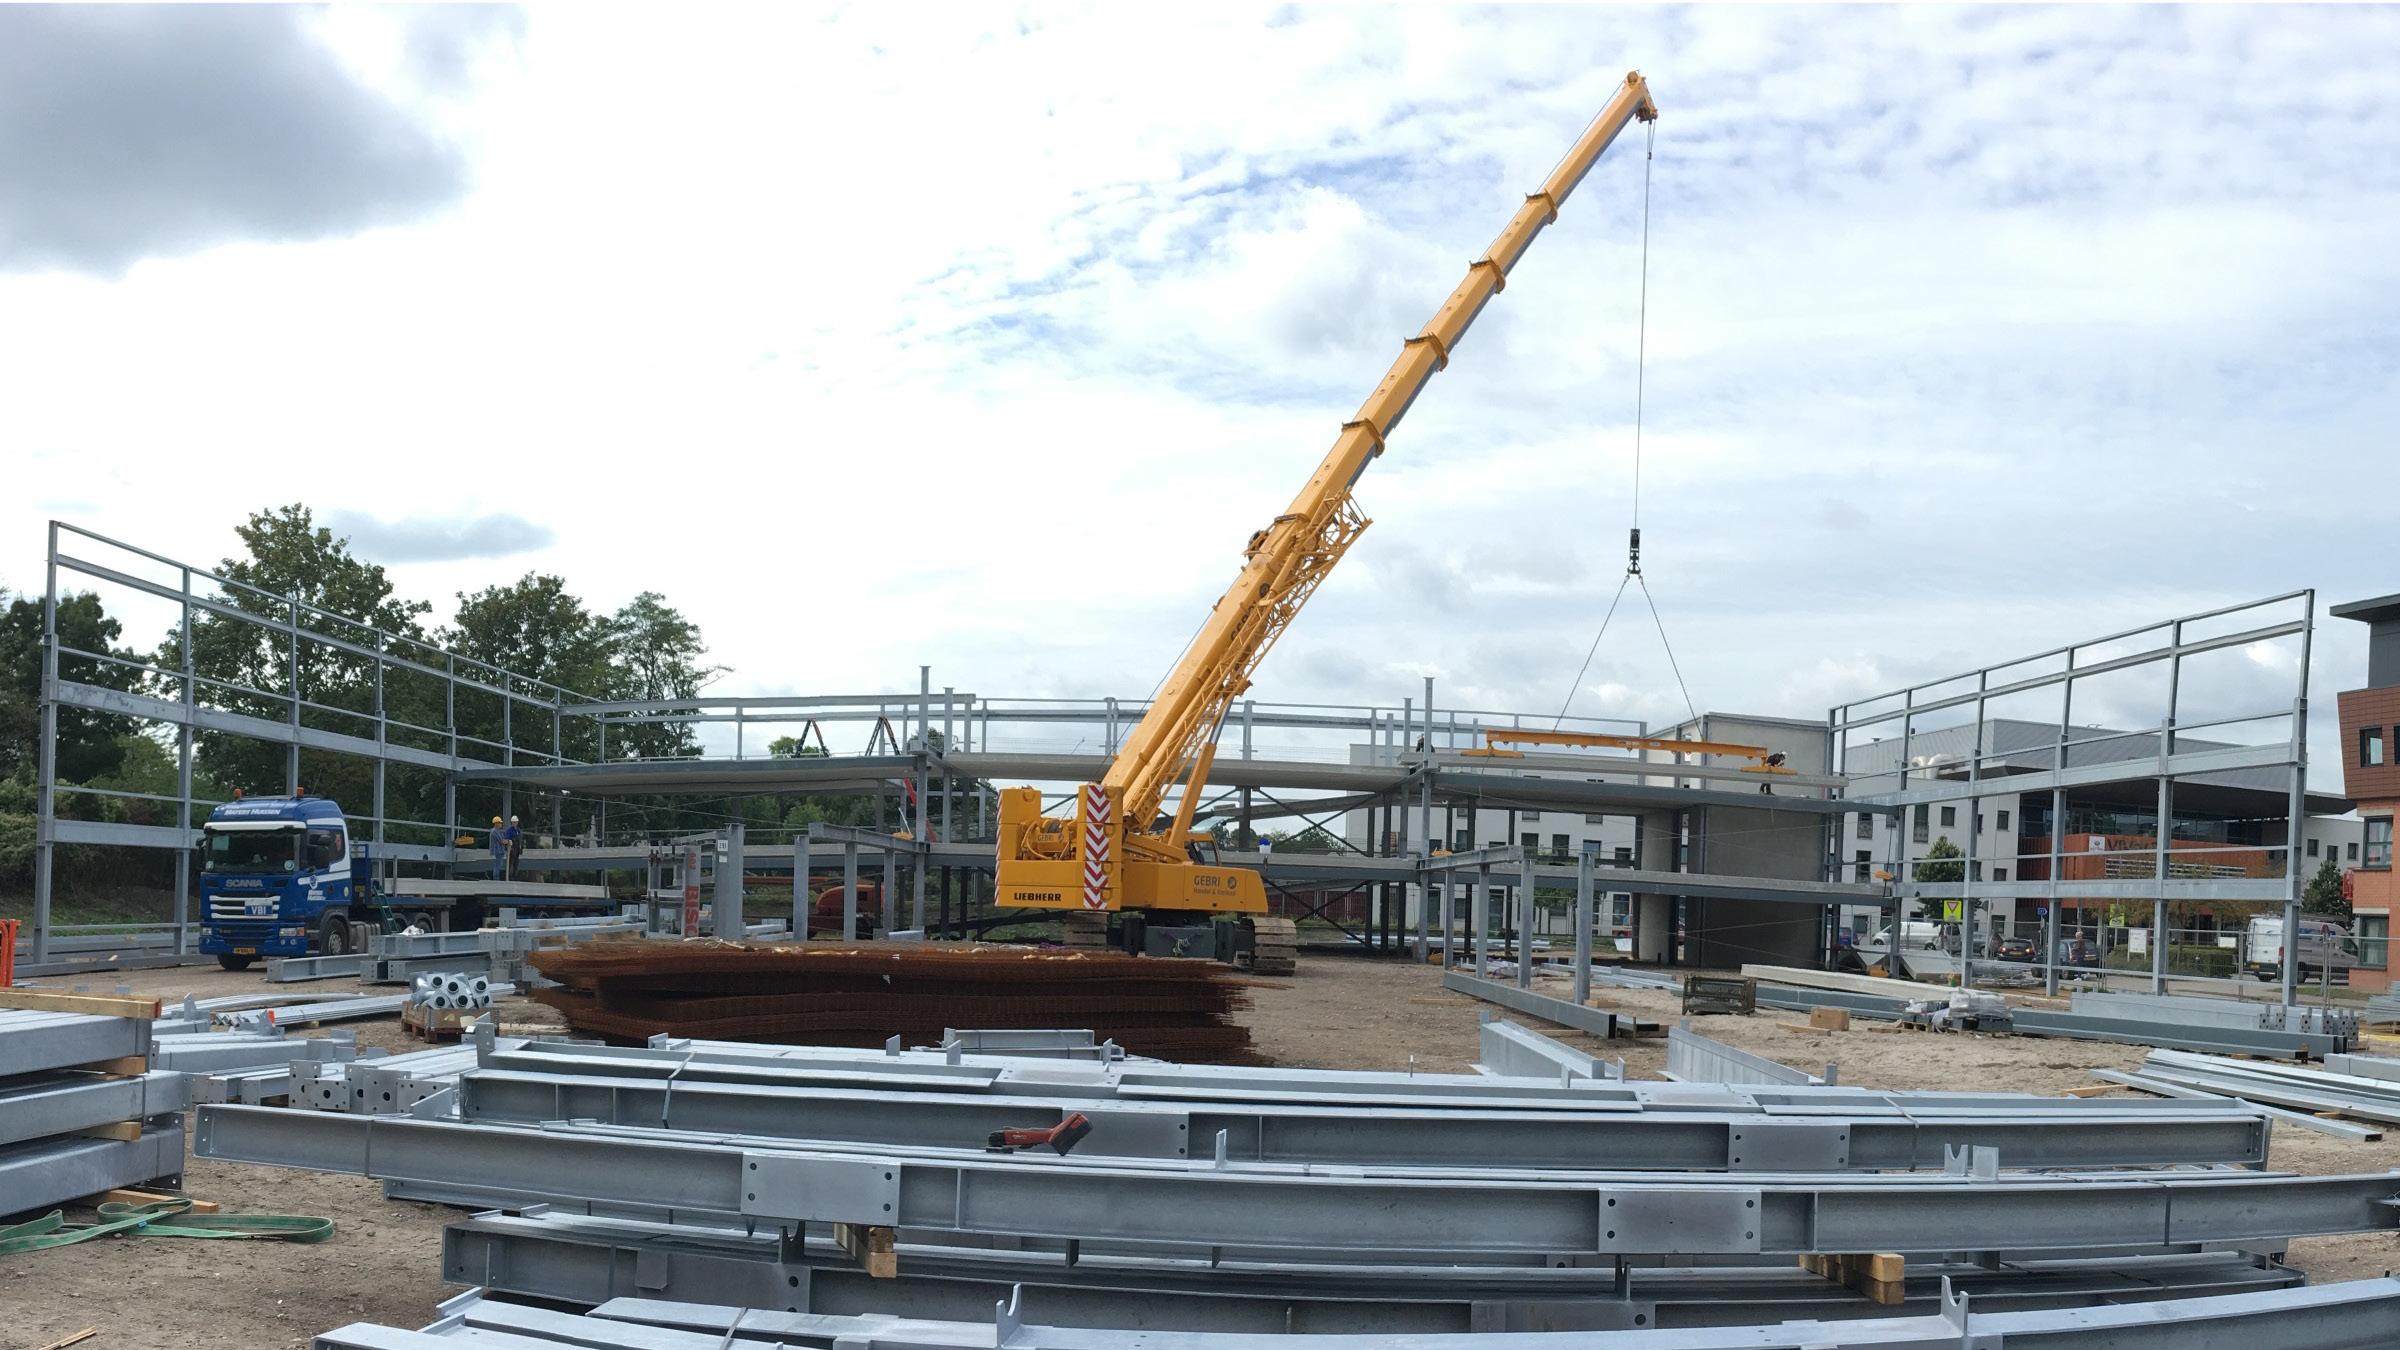 Bouw parkeergarage LangeLand Ziekenhuis Zoetermeer in volle gang